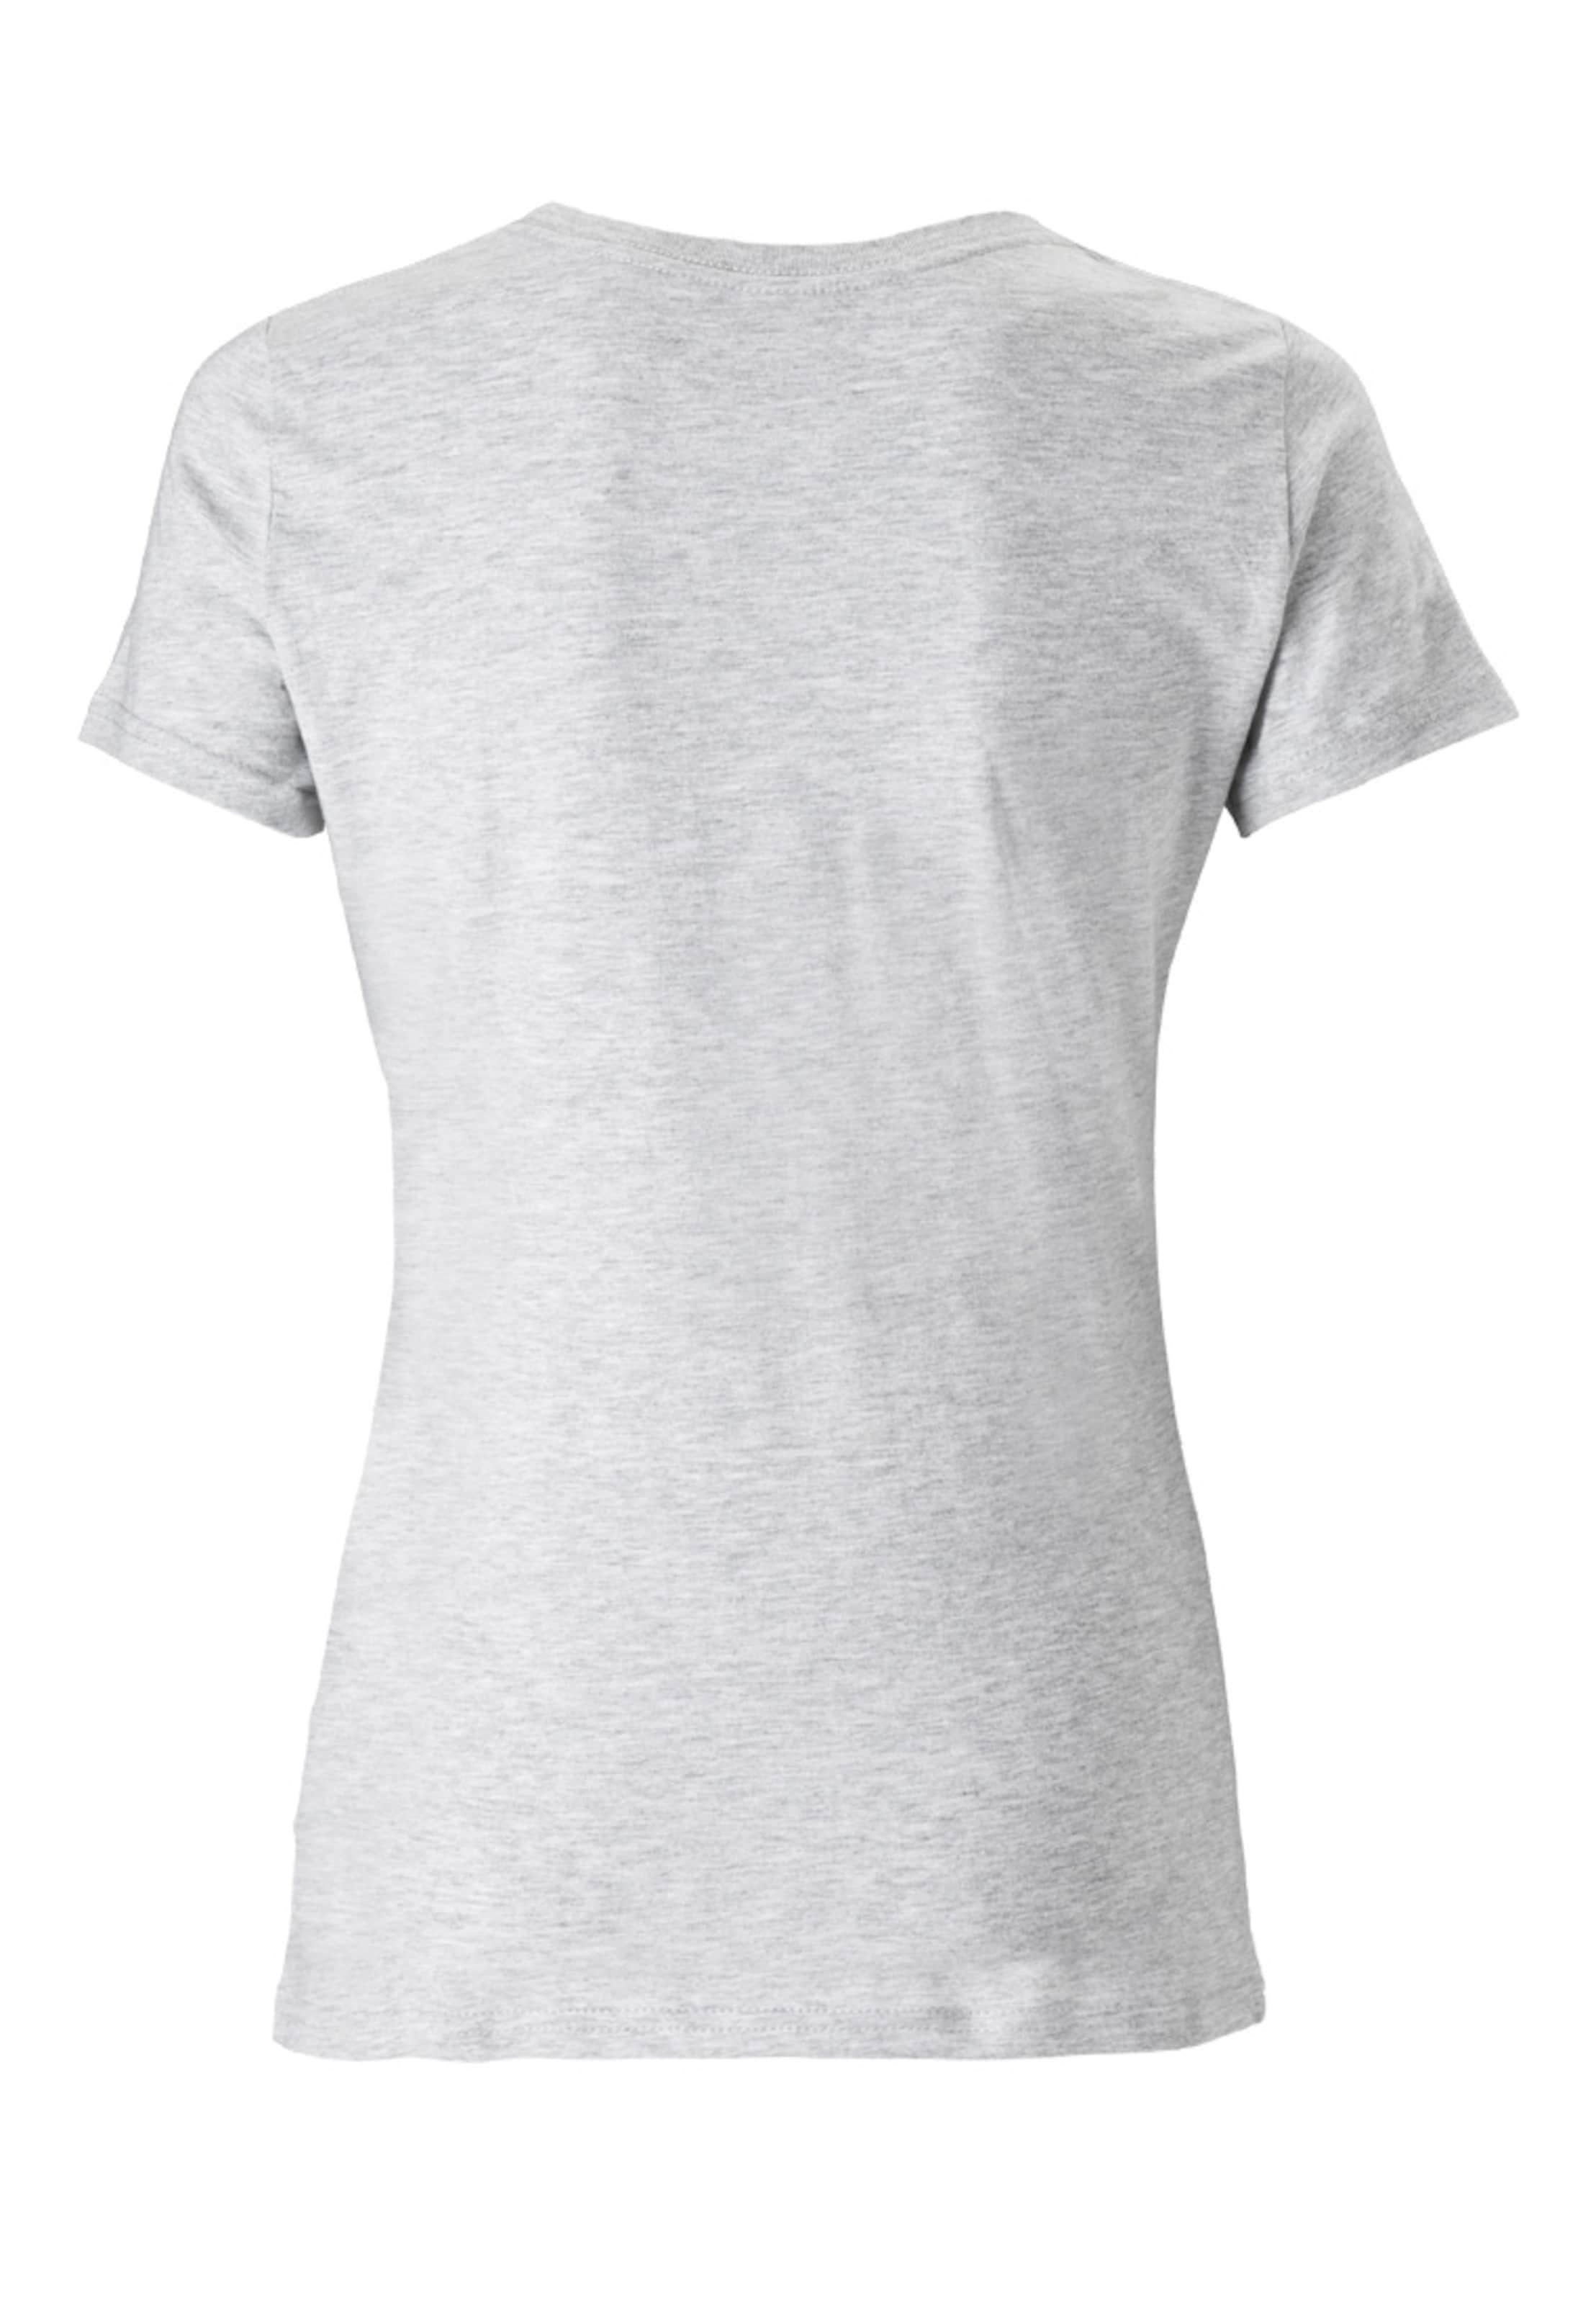 LOGOSHIRT T-Shirt 'Pippi Langstrumpf: Faul sein ist...' Unisex Besuch 100% Authentisch Online Günstig Kaufen Besten Verkauf Billig Verkauf Besuch X6LzBJR